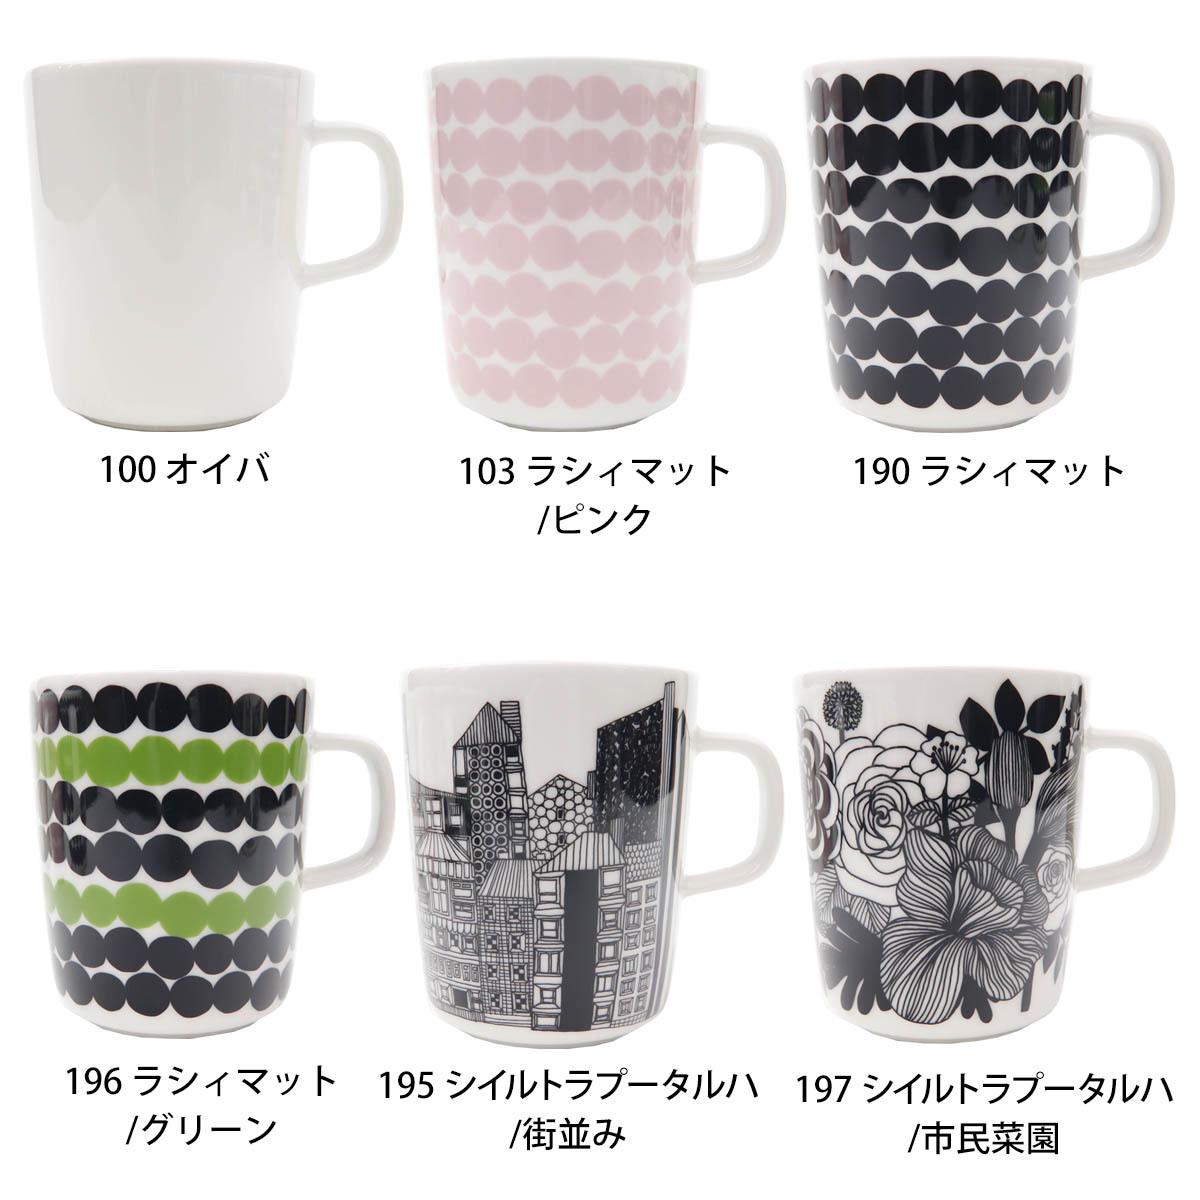 マリメッコ marimekko マグカップ 陶器 コップ シルッキクイッカ/ユフデッサ 250ml ブラックホワイト